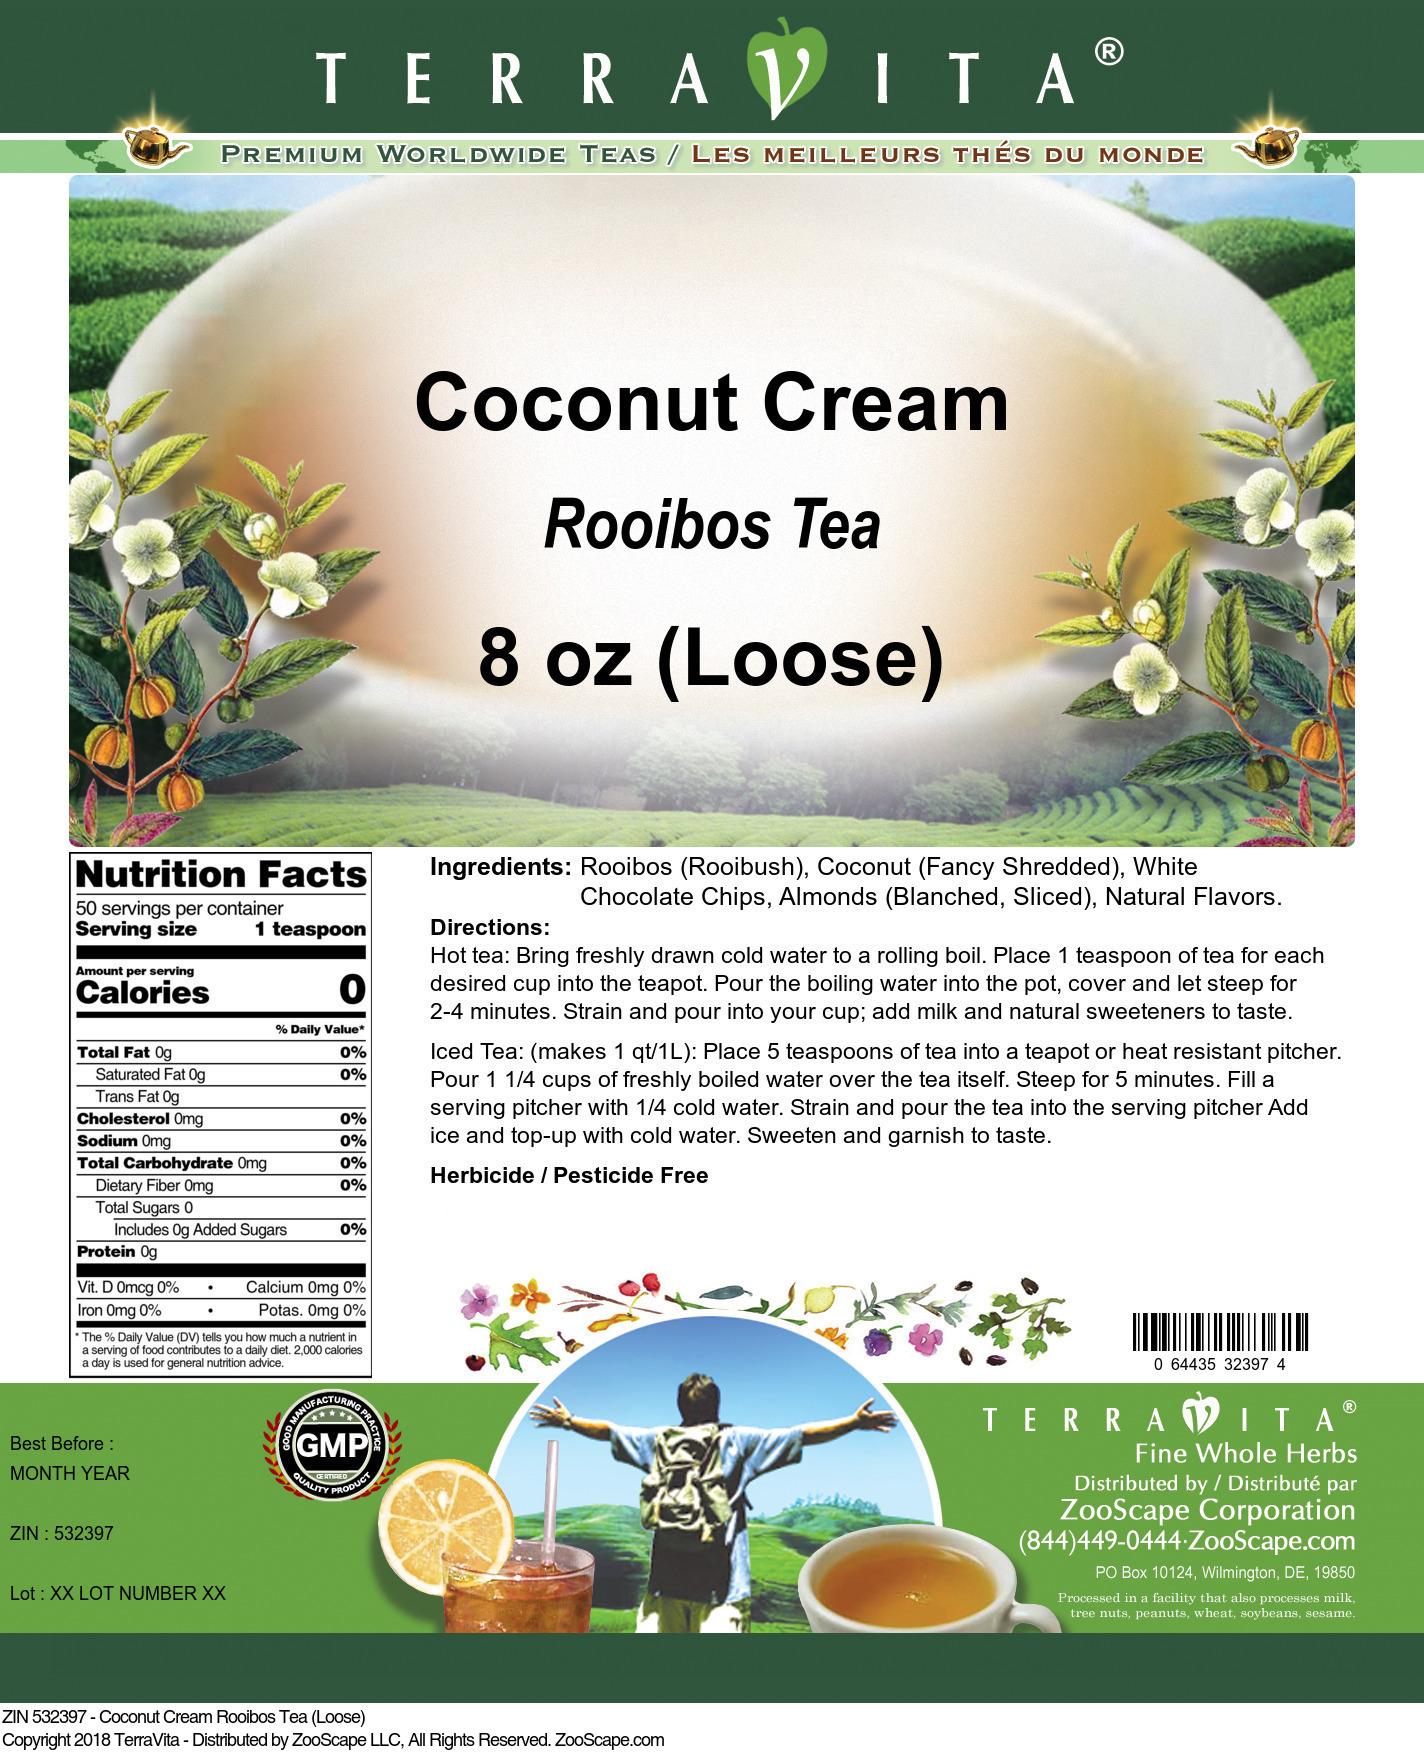 Coconut Cream Rooibos Tea (Loose)